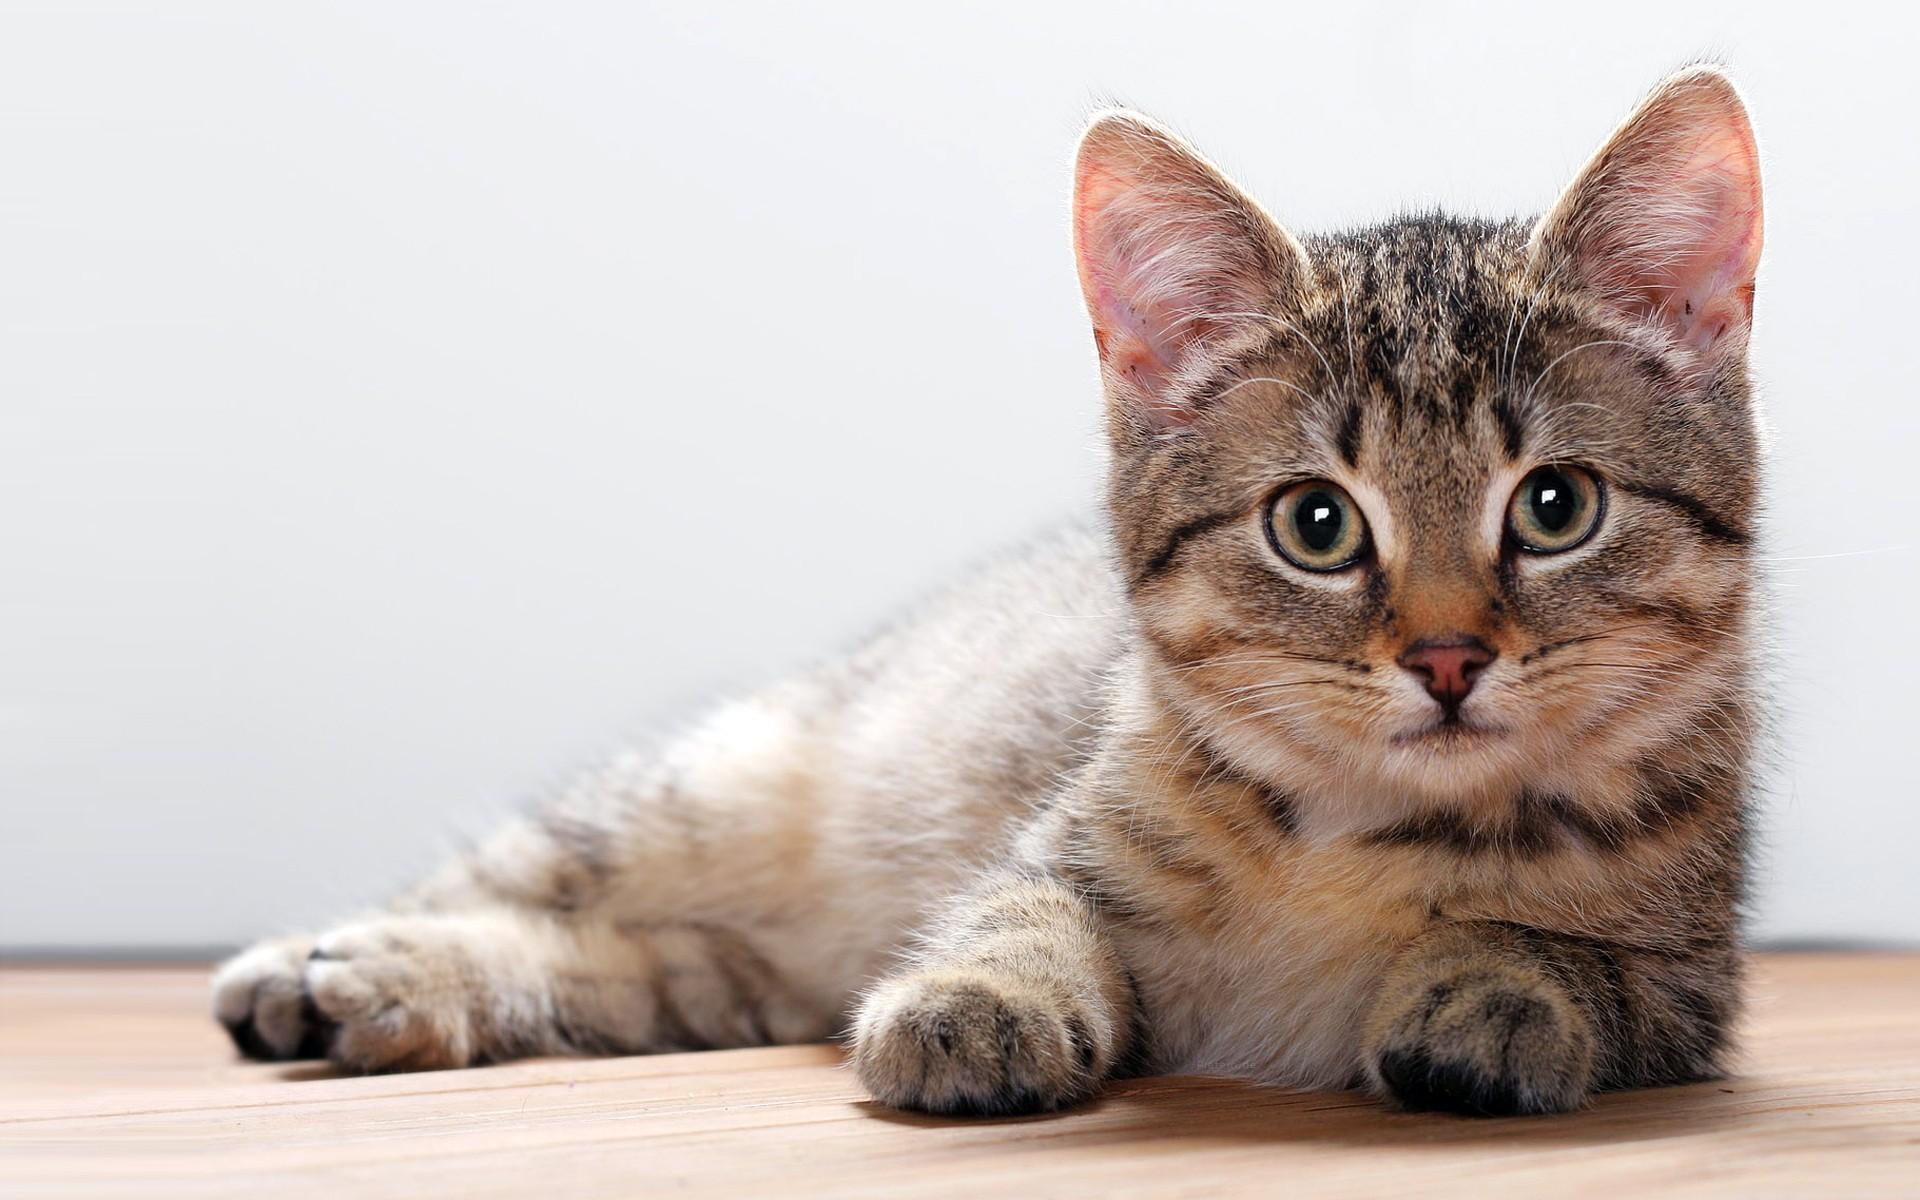 【可愛い可愛い】種類別に見る猫ちゃん【可愛いよねこ可愛い】